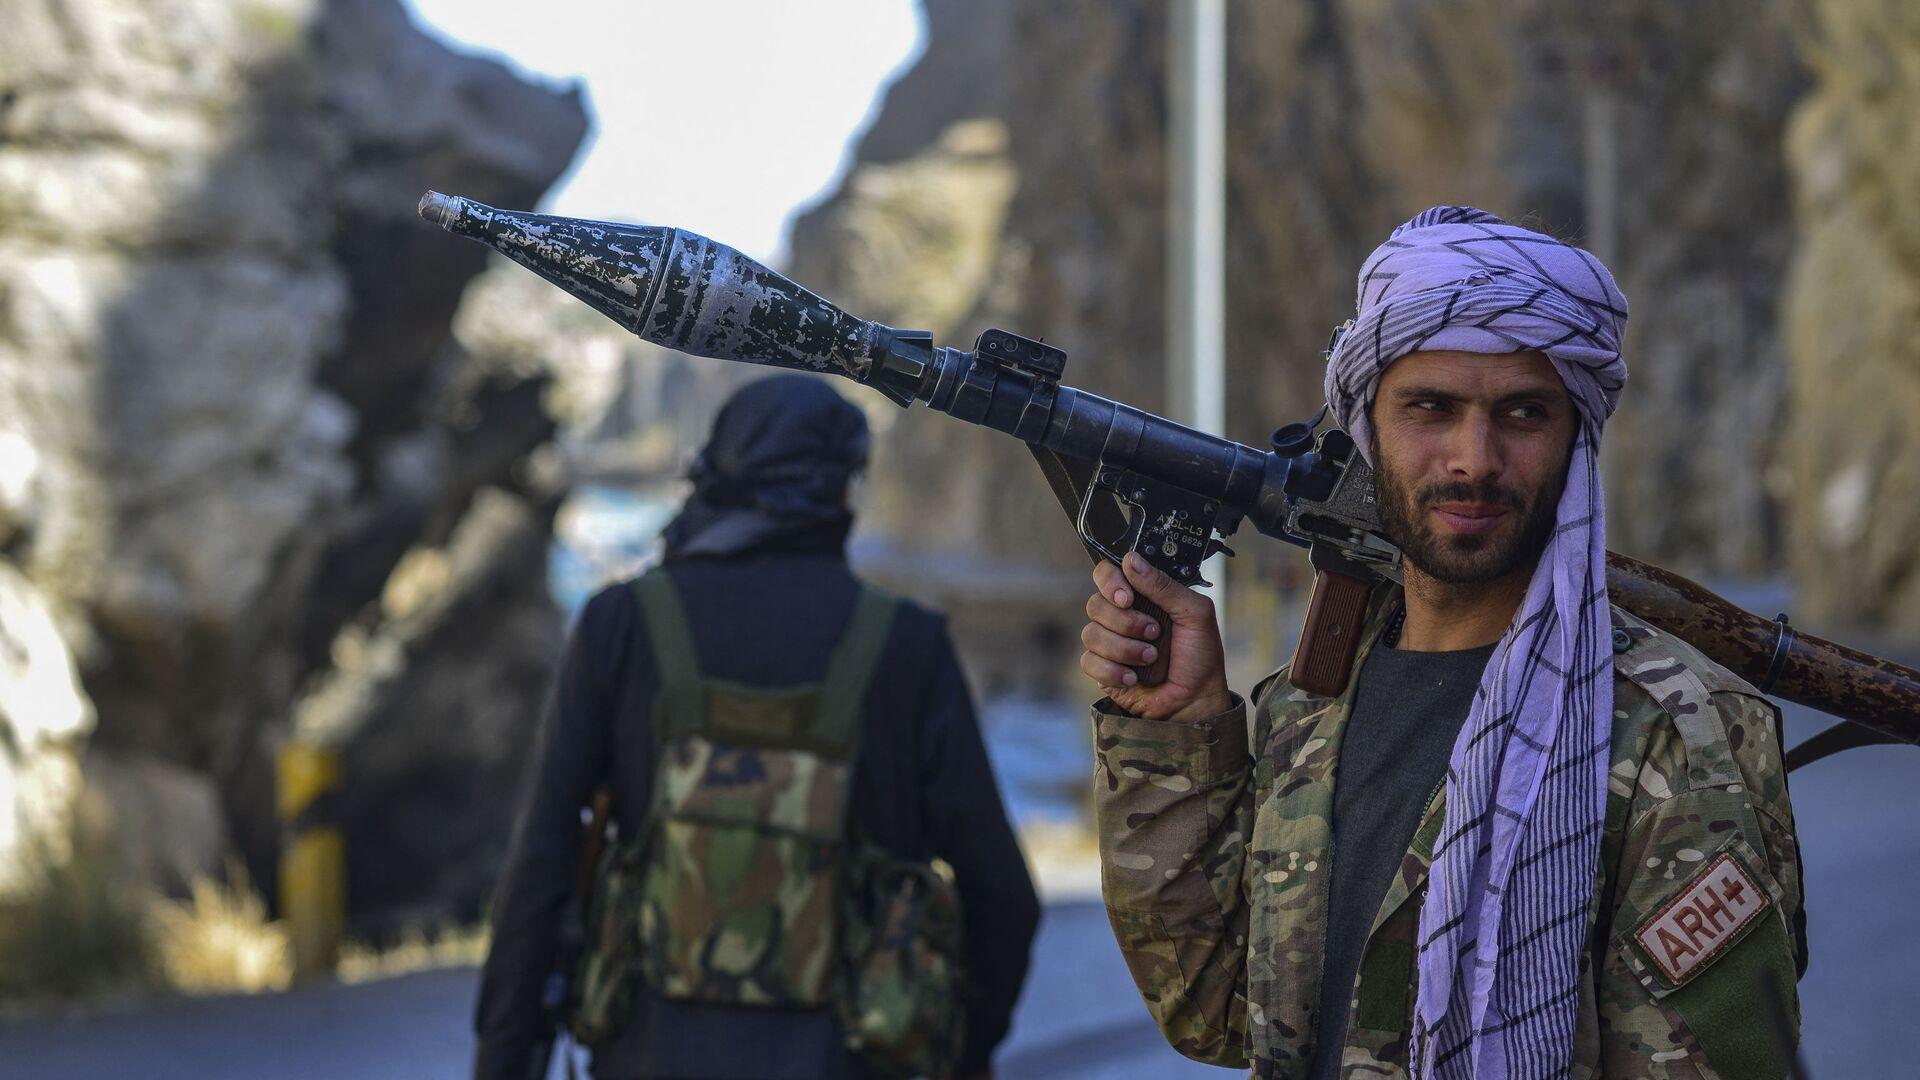 Афганское движение сопротивления во патрулирования в провинции Панджшер, Афганистан - Sputnik Таджикистан, 1920, 01.09.2021